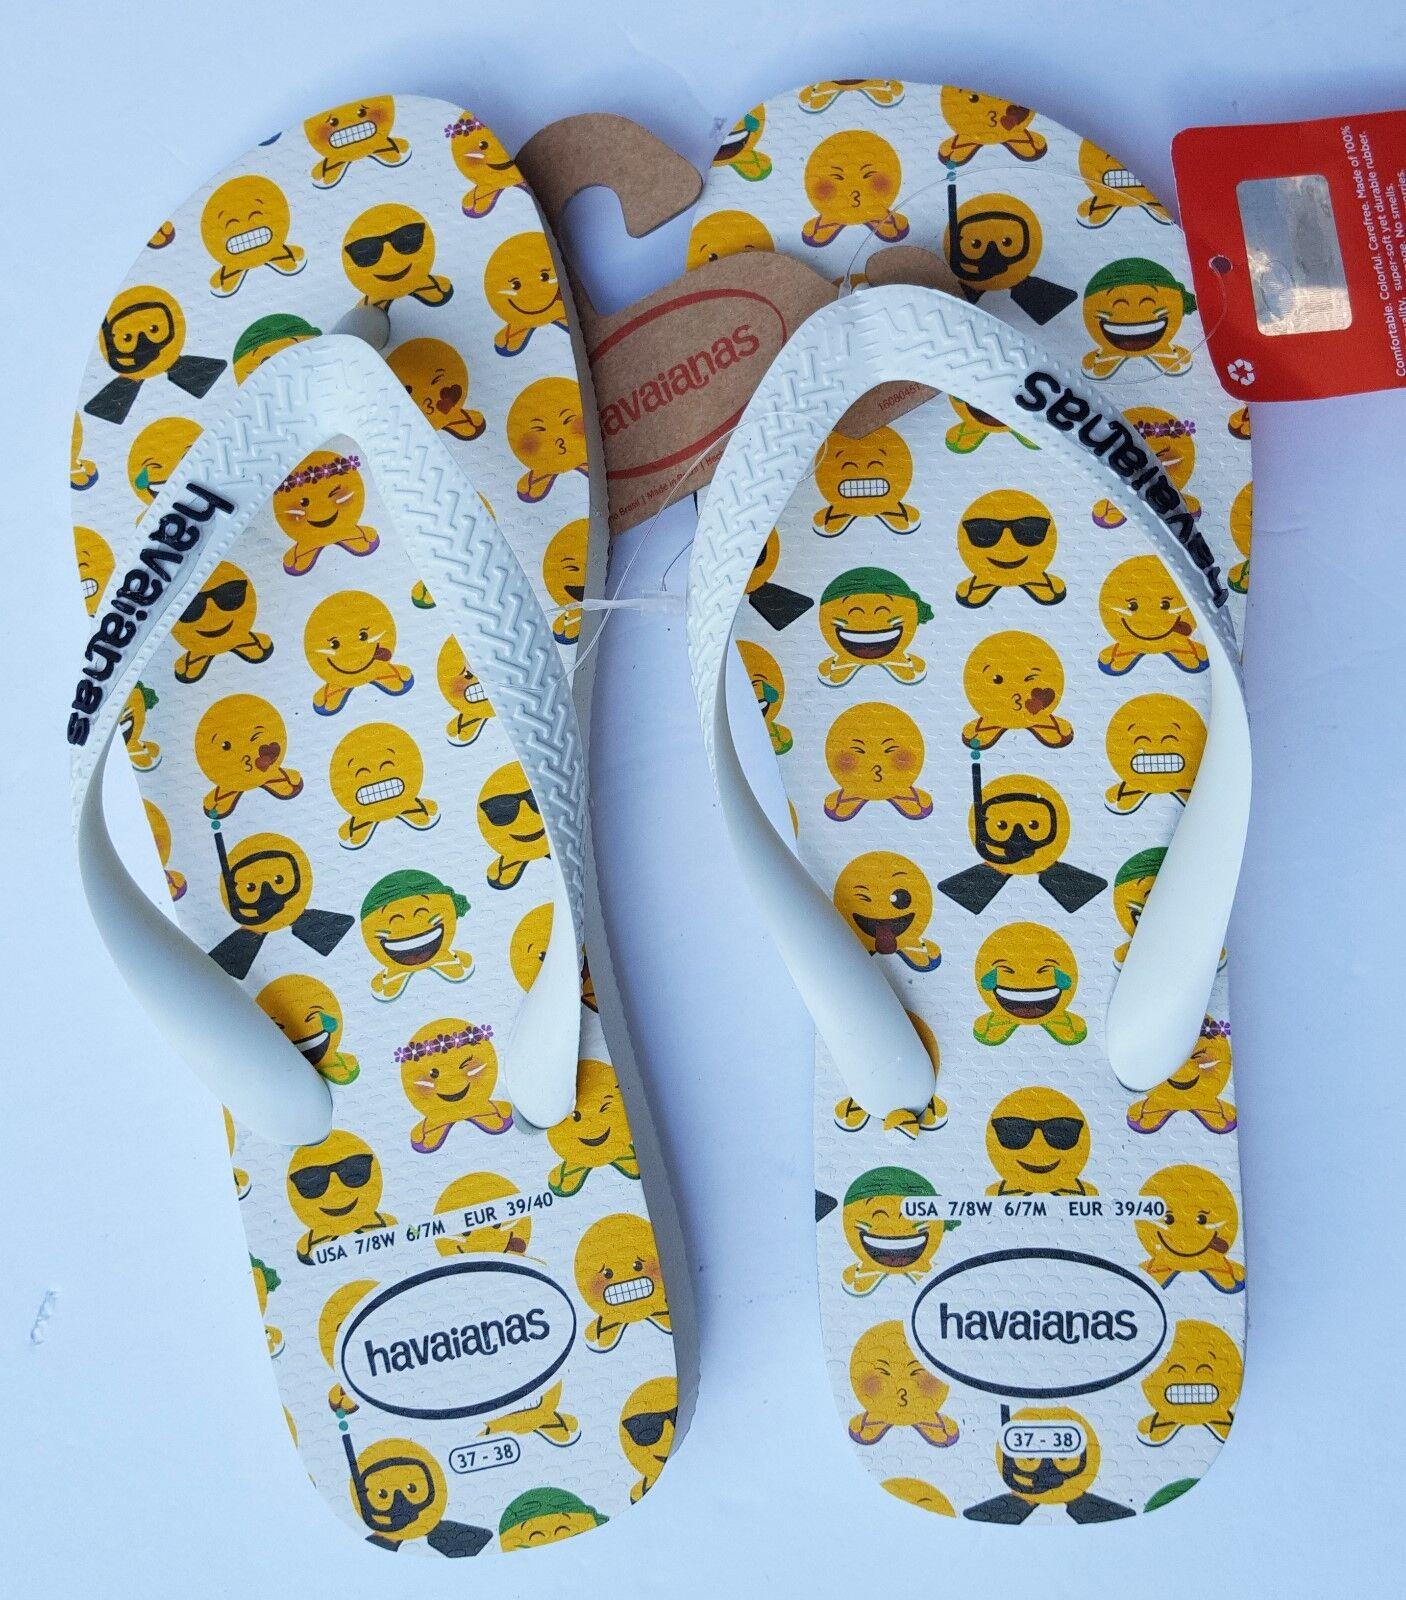 New Havaianas Flip Flop Sandals White Emogi Smiley Faces 7 8 Women 6 7 Men 39 40